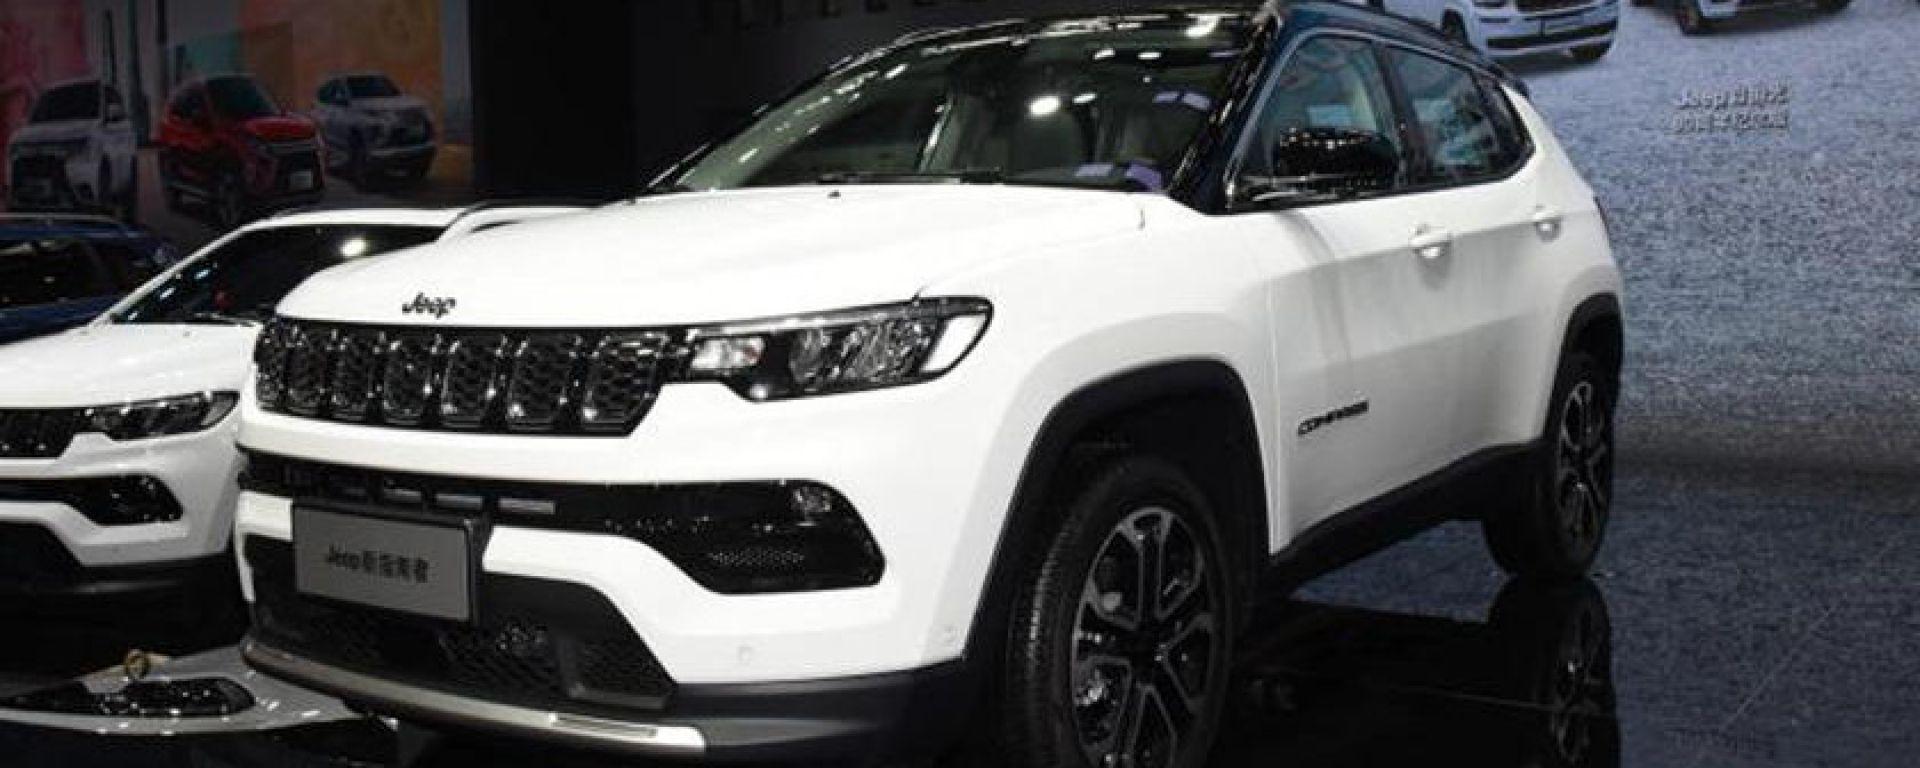 Nuova Jeep Compass 2021 al salone di Guangzhou